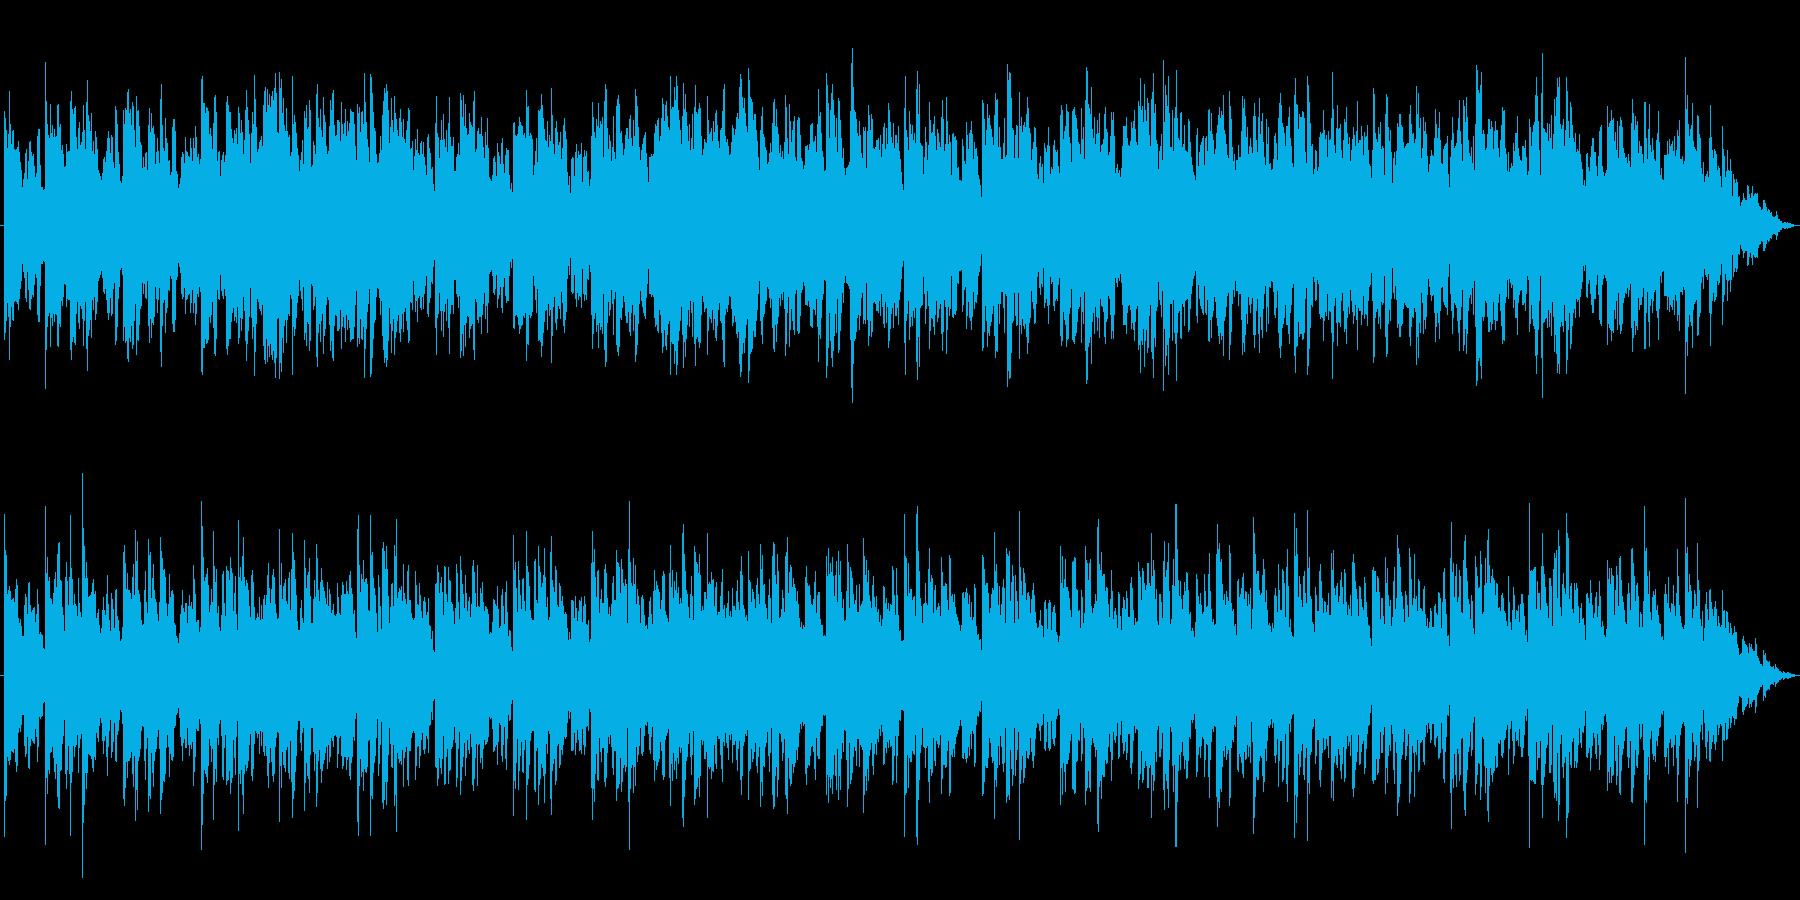 魔法屋 道具屋 アイテム屋 不思議+寛ぎの再生済みの波形